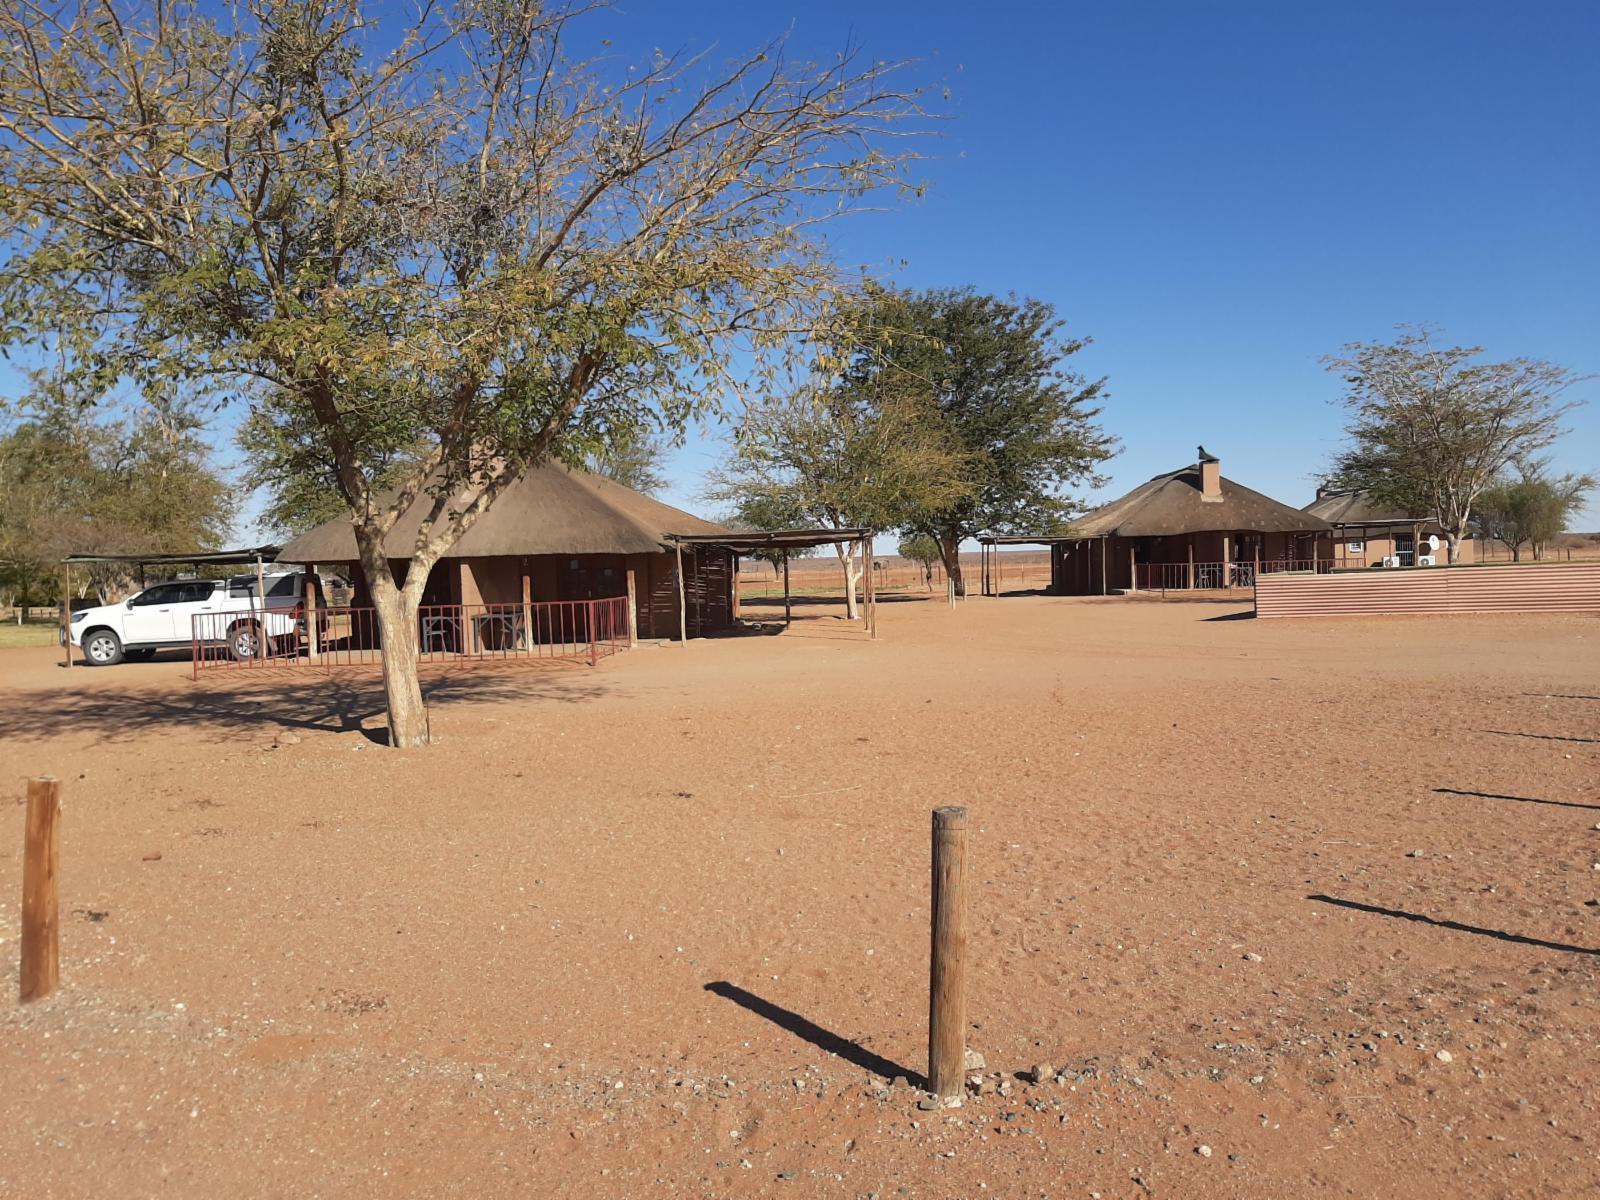 Kalahari Monate Lodge and Camping